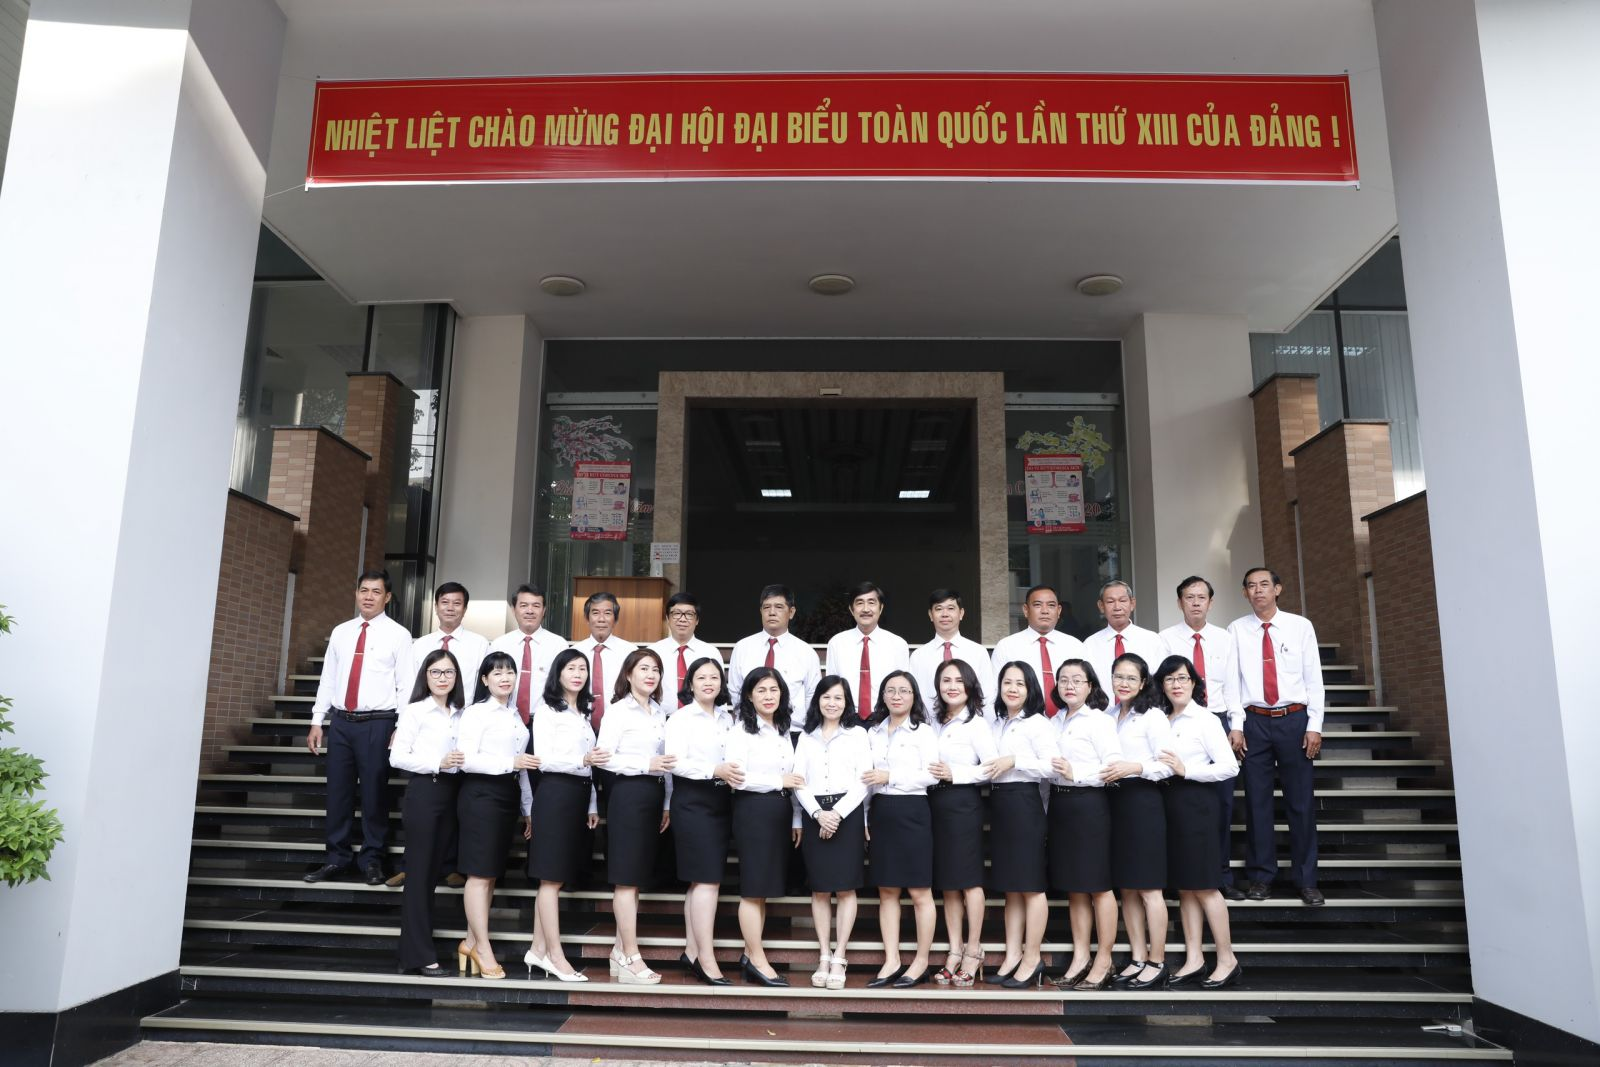 Lãnh đạo cùng các trưởng phó phòng ban Công ty